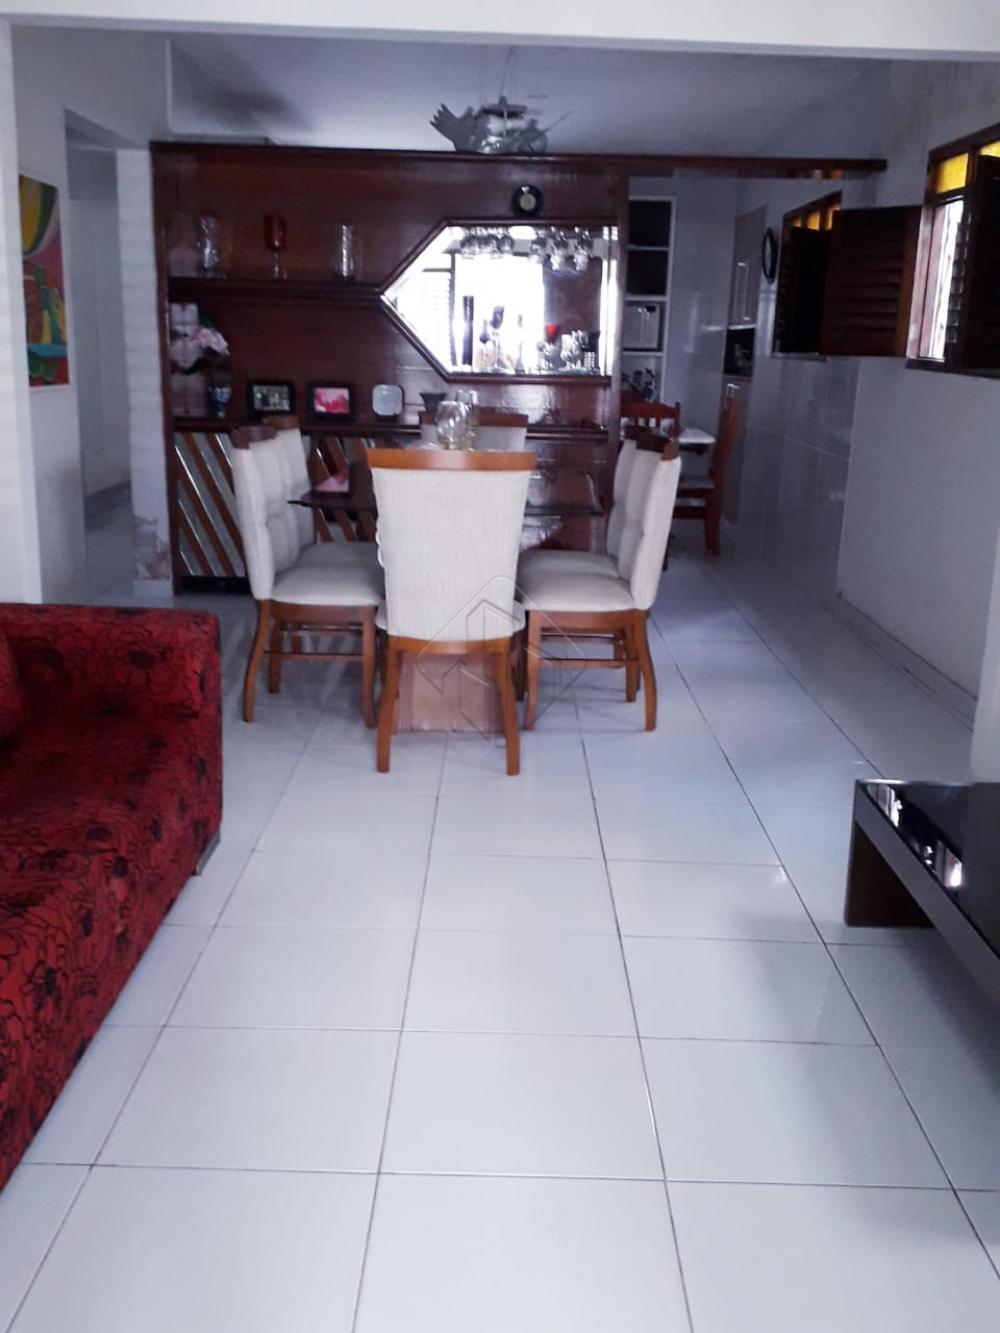 Casa em excelente localização à 300 metros do Busto de Tamandaré , na Praia de Tambaú.  * Oportunidade única para investidores que buscam empreender em uma das áreas mais valorizadas desse paraíso.  AGENDE AGORA SUA VISITA TEIXEIRA DE CARVALHO IMOBILIÁRIA CRECI 304J - (83) 2106-4545